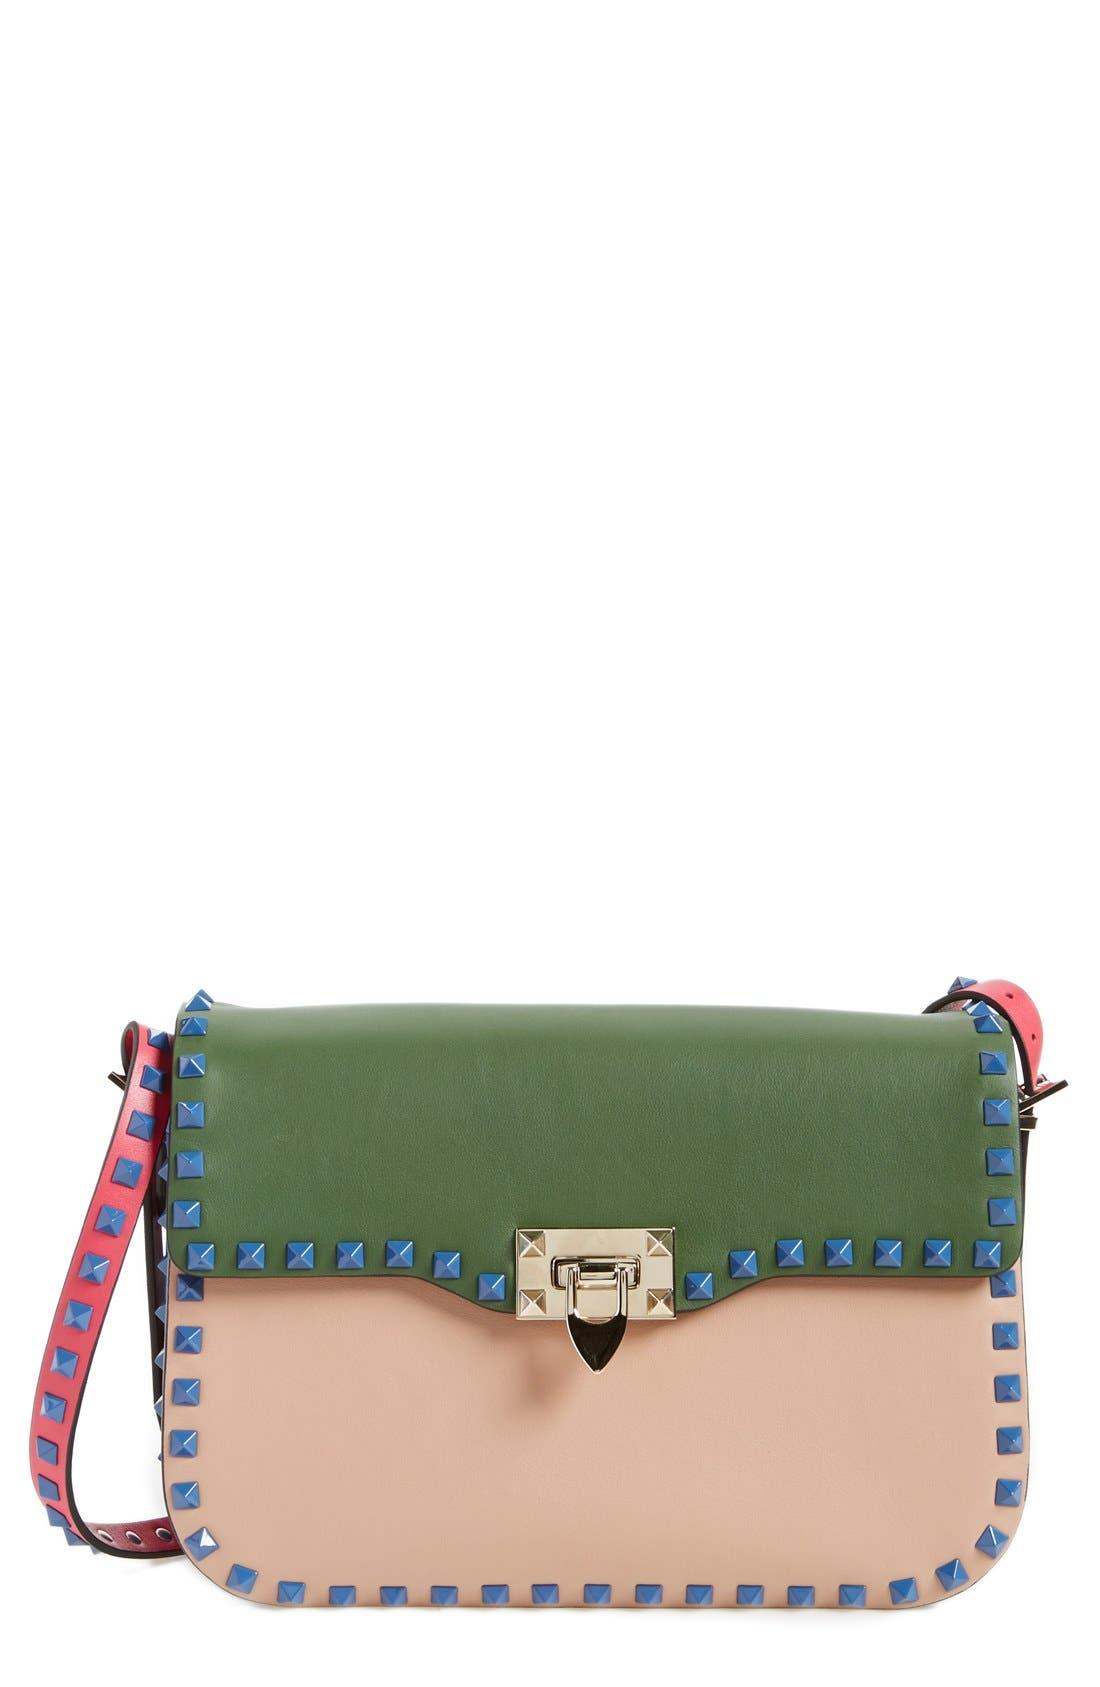 Alternate Image 1 Selected - Valentino 'Rockstud' Colorblock Shoulder Bag